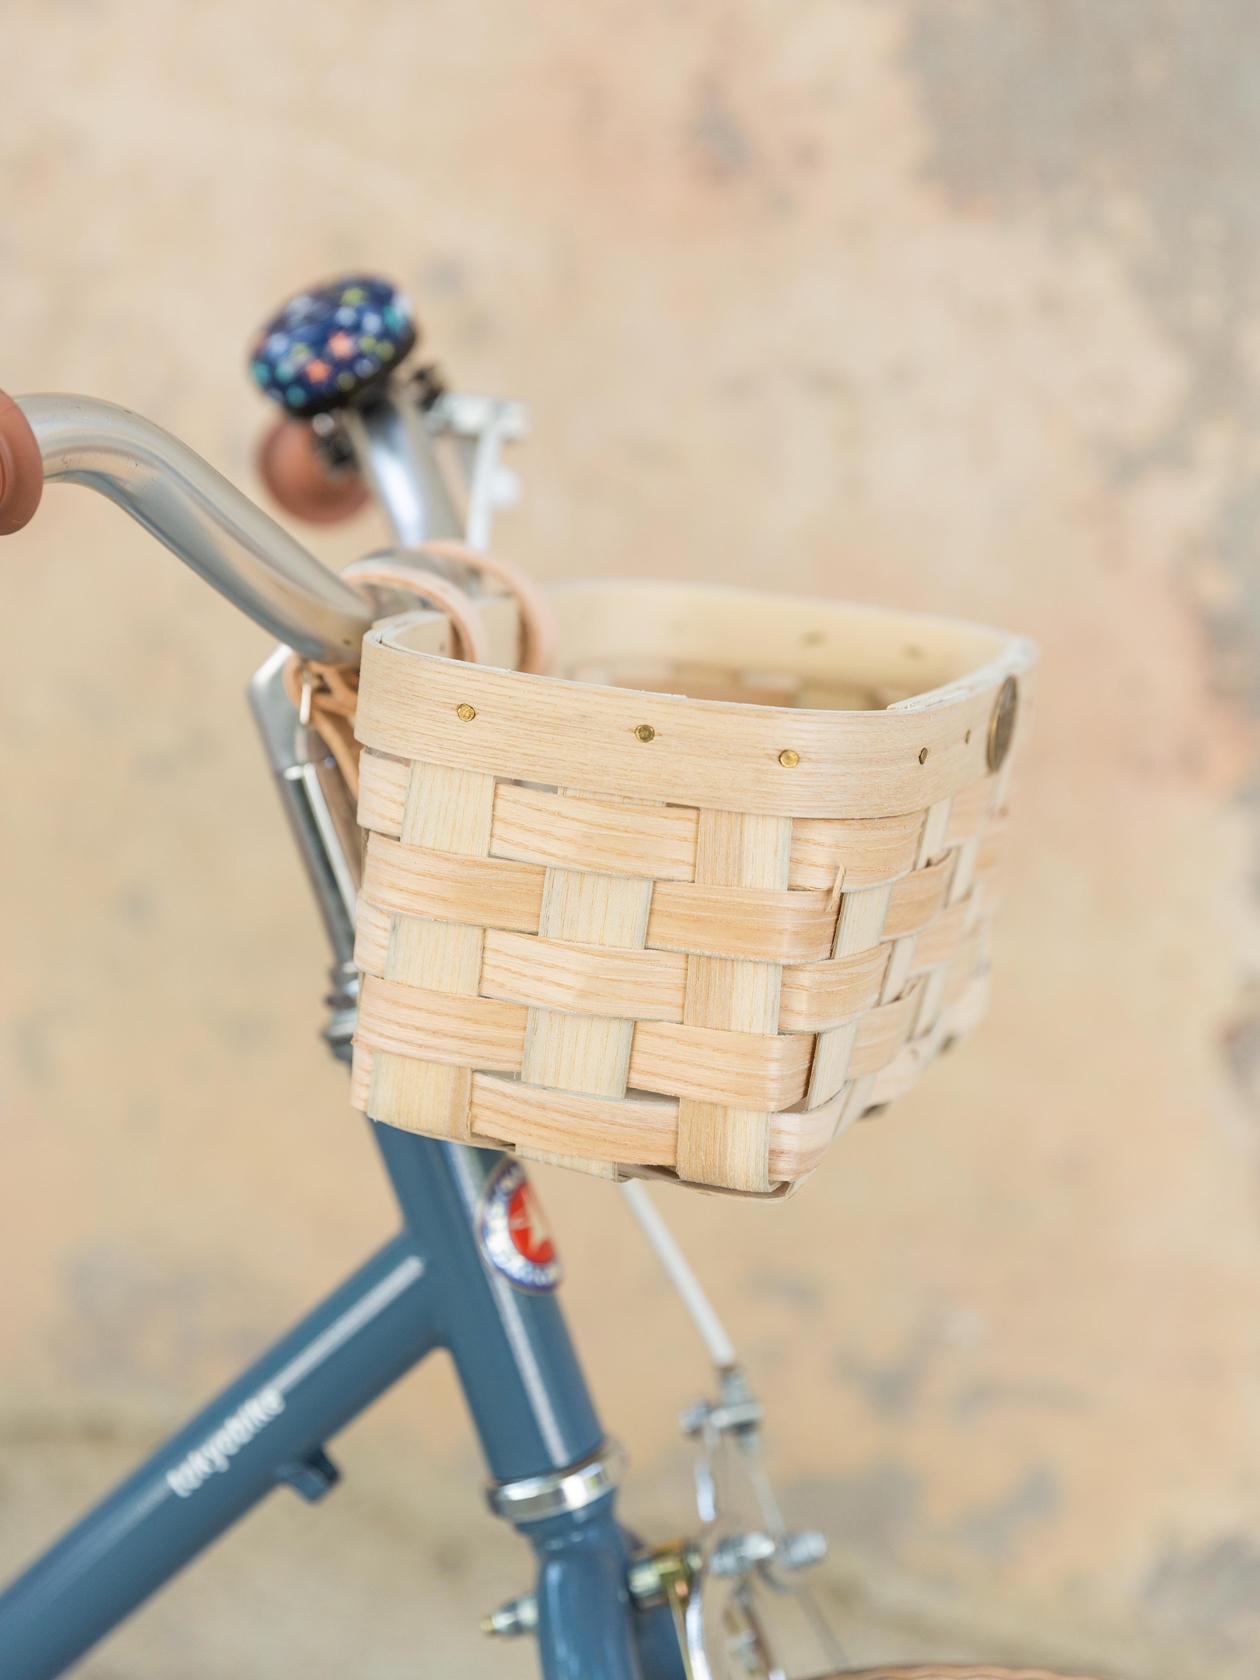 The Little Kids Basket, Natural